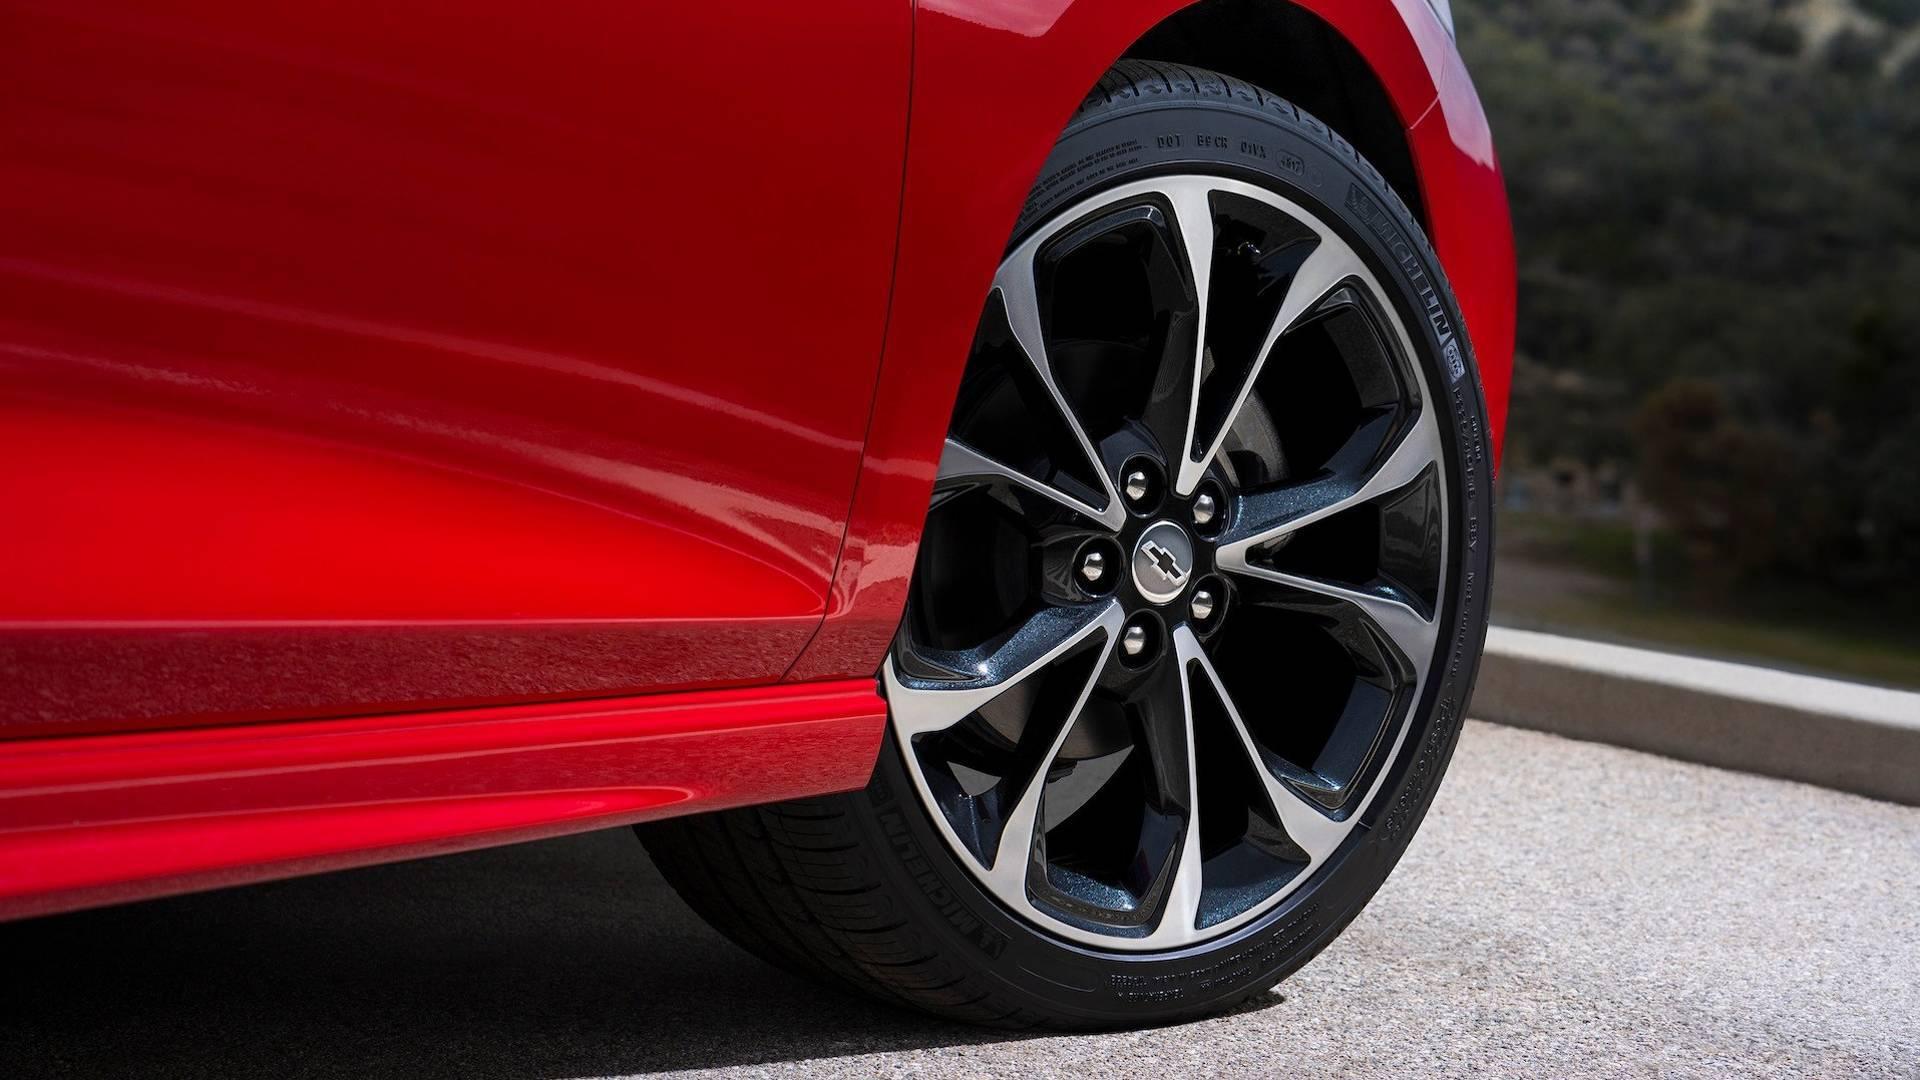 Novo Chevrolet Cruze. Foto: Divulgação